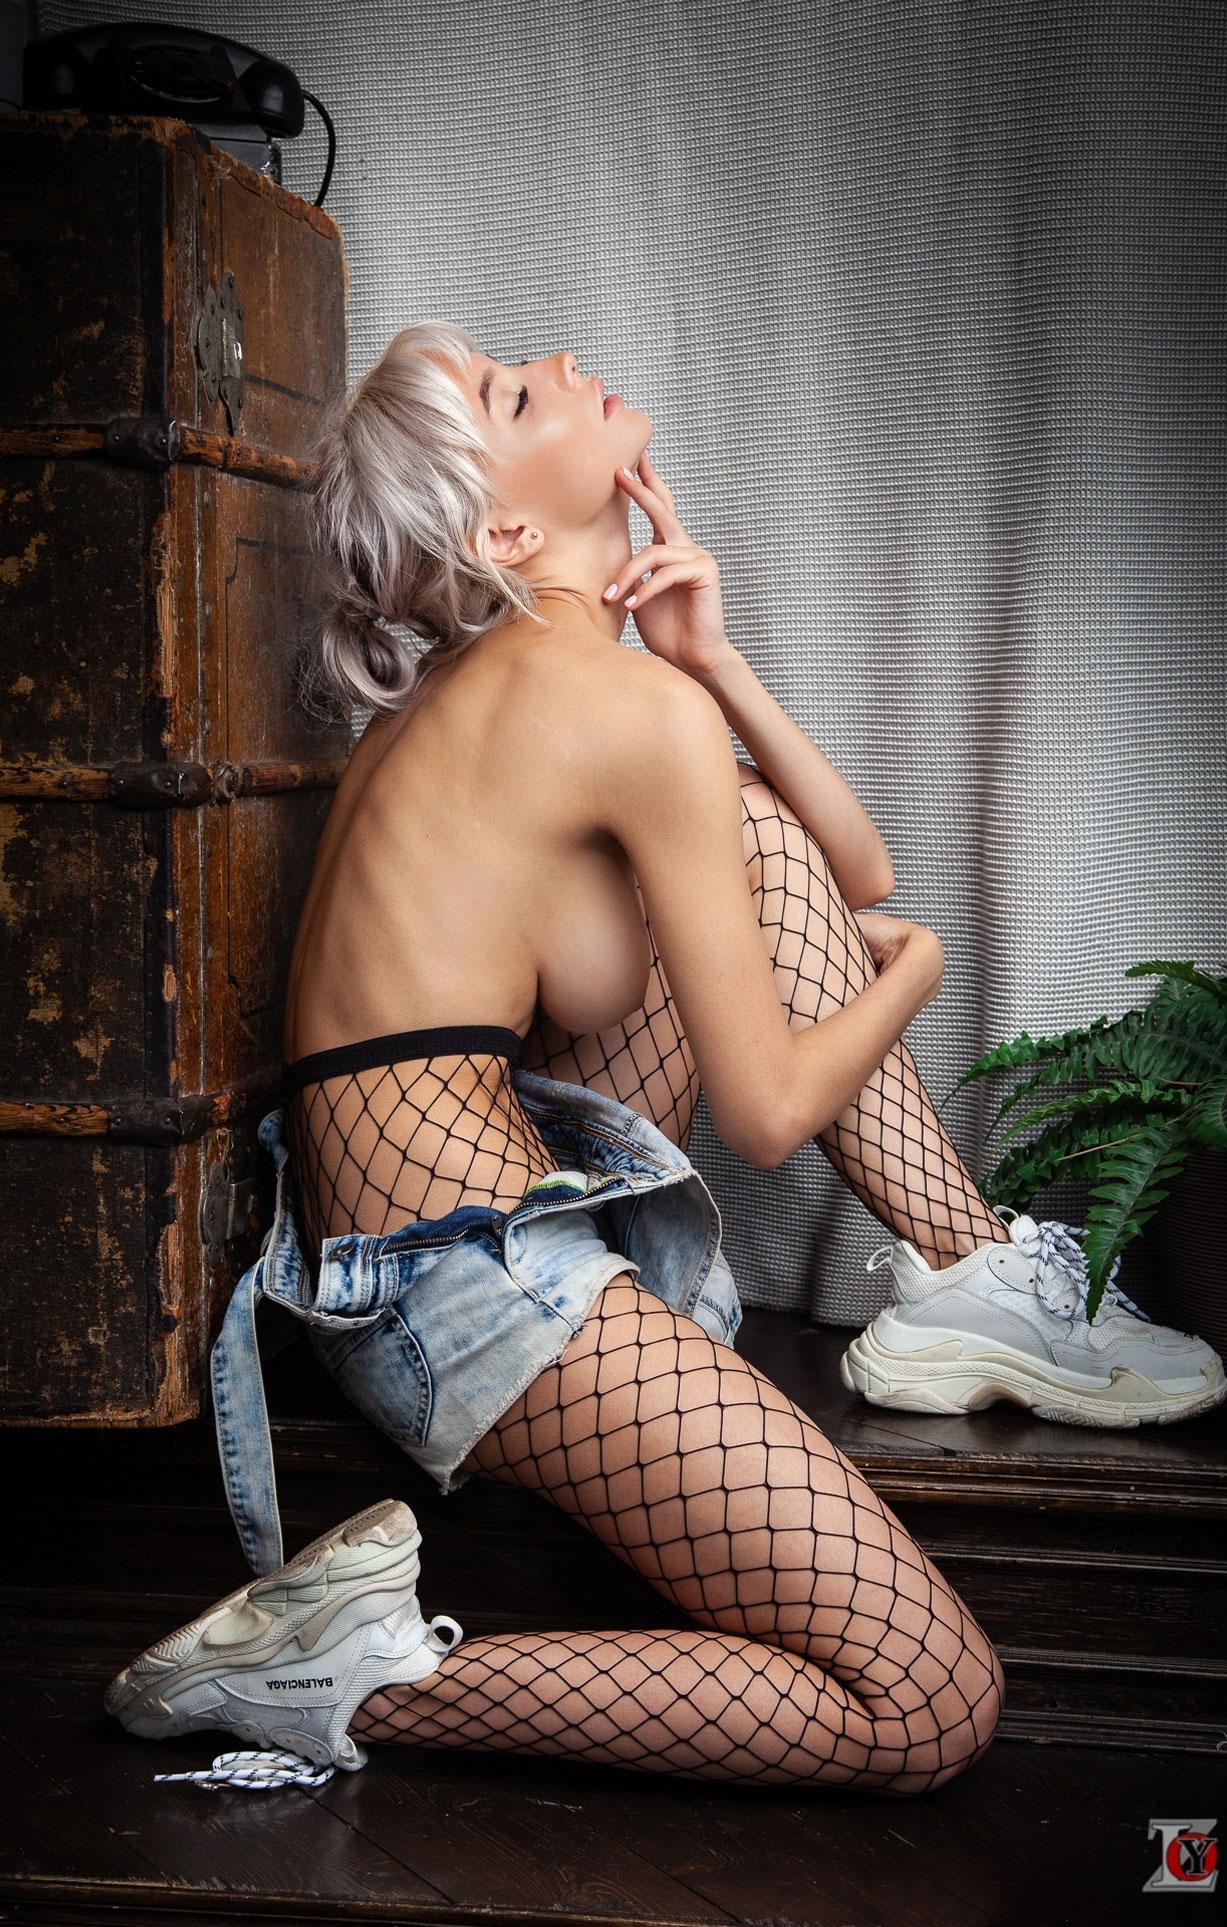 Екатерина Ширяева, портрет / фото 14